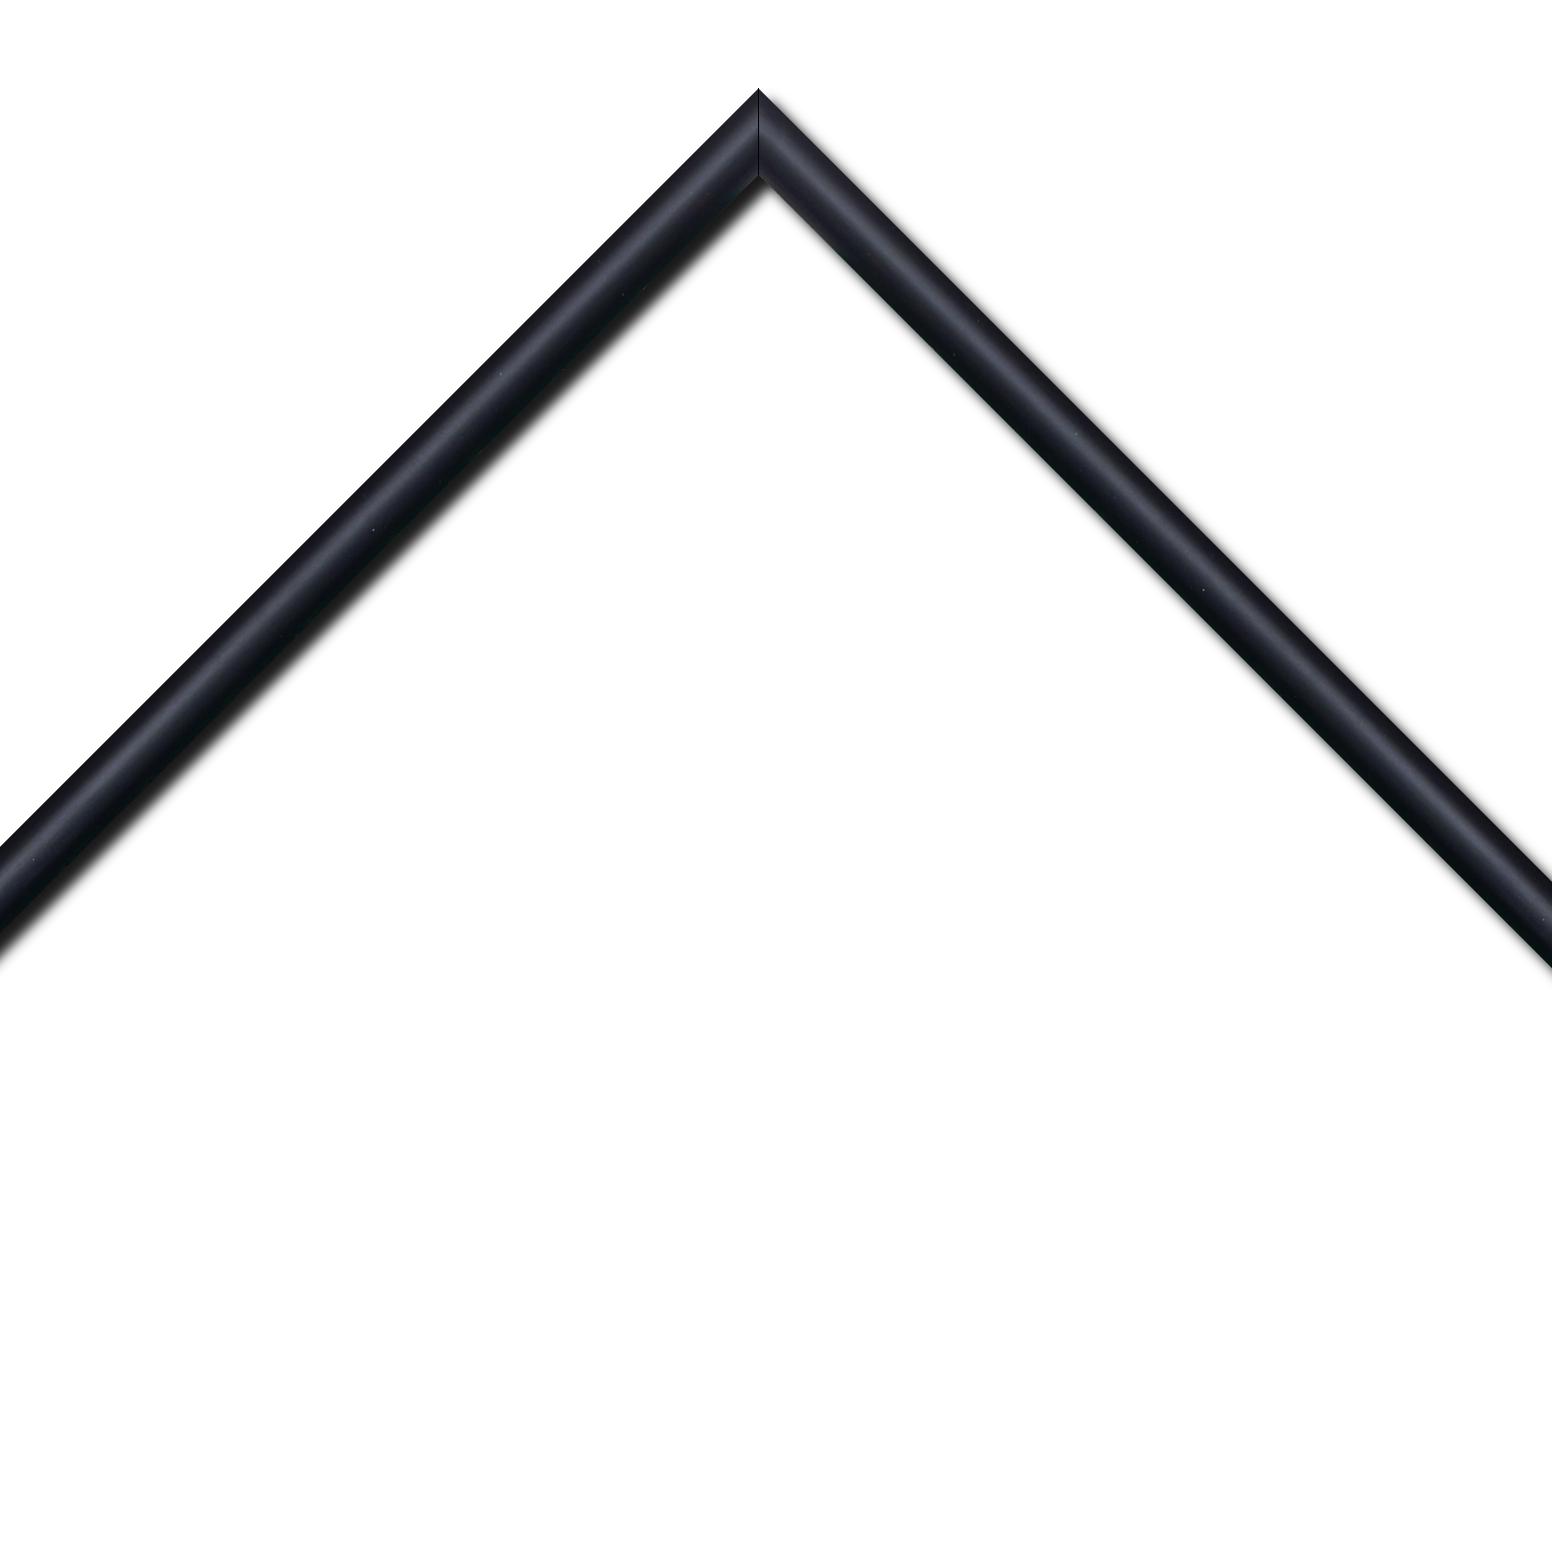 Baguette bois profil demi rond largeur 1.5cm couleur noir mat